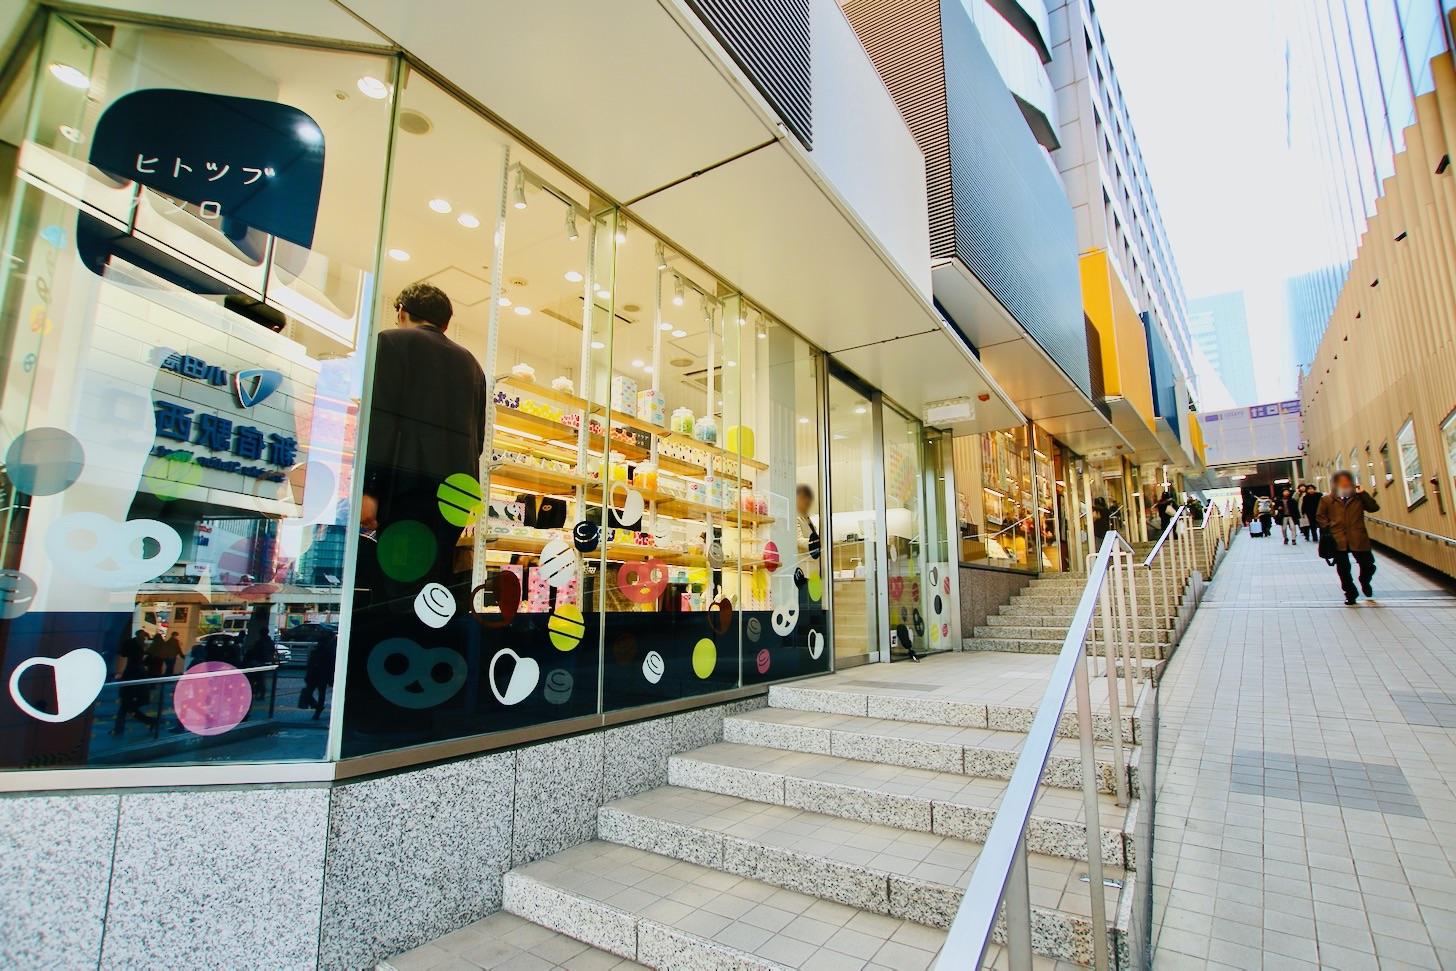 新宿ミロードのモザイク通りに「ヒトツブカンロ ポップアップストア 新宿ミロード店」